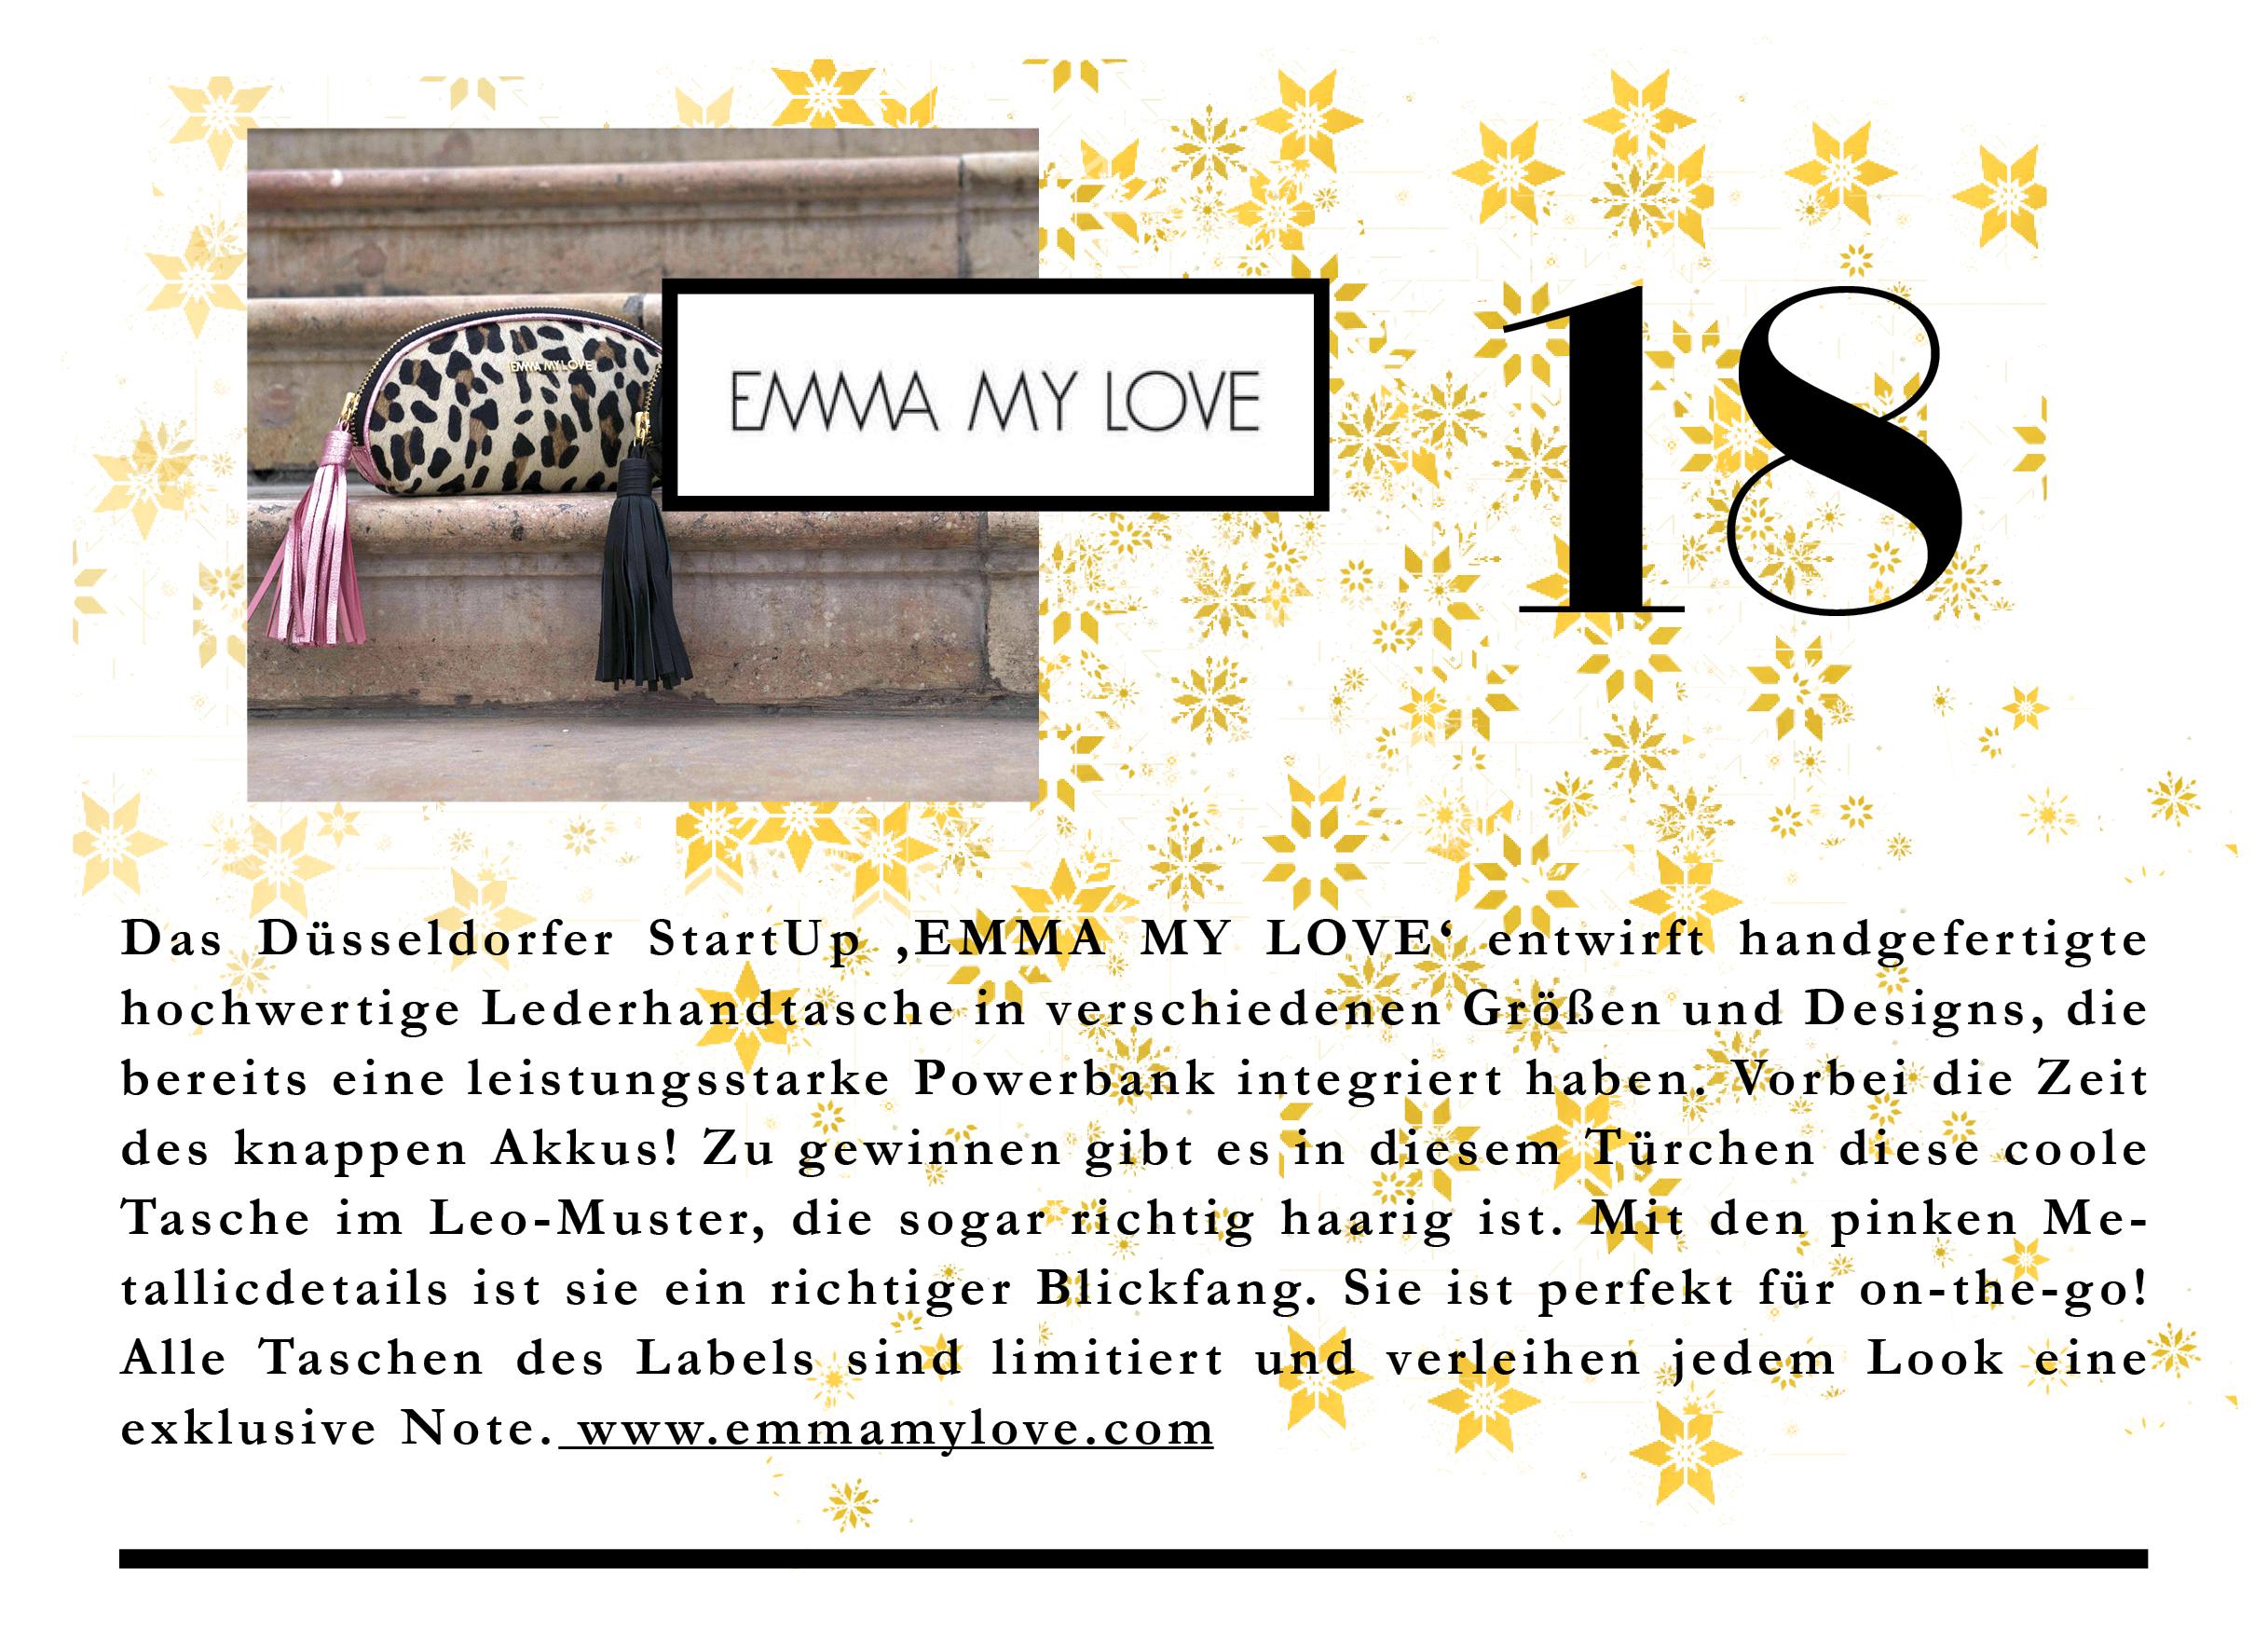 Die stylischen Taschen von EMMA MY LOVE haben richtig Power in sich.